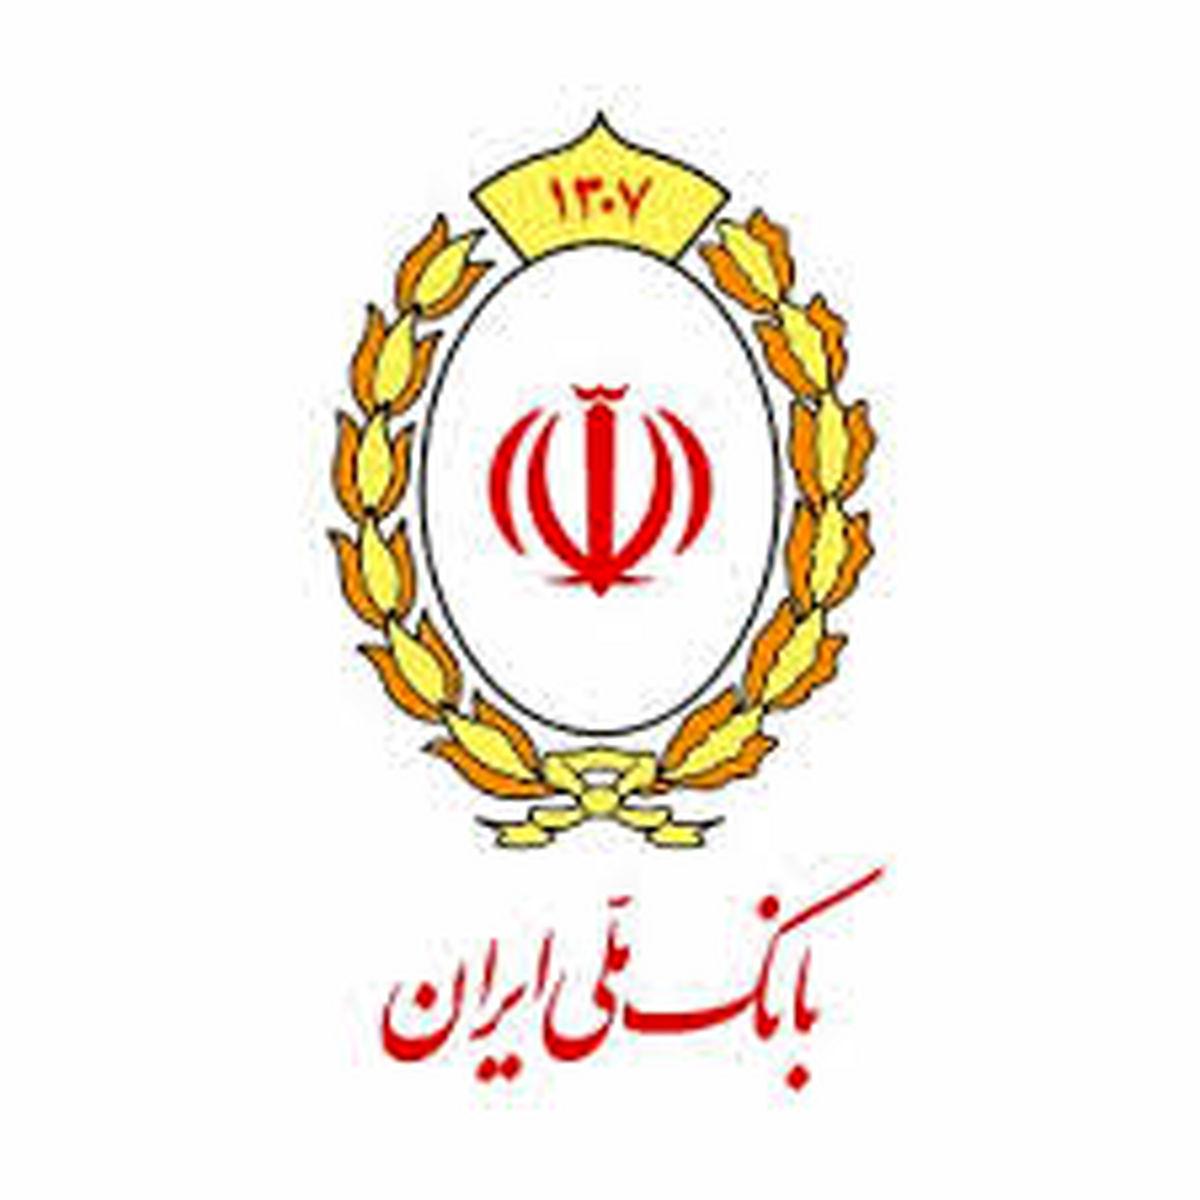 سپرده گذاری در طرح ویژه مسکن بانک ملی ایران با استقبال روبه رو شد